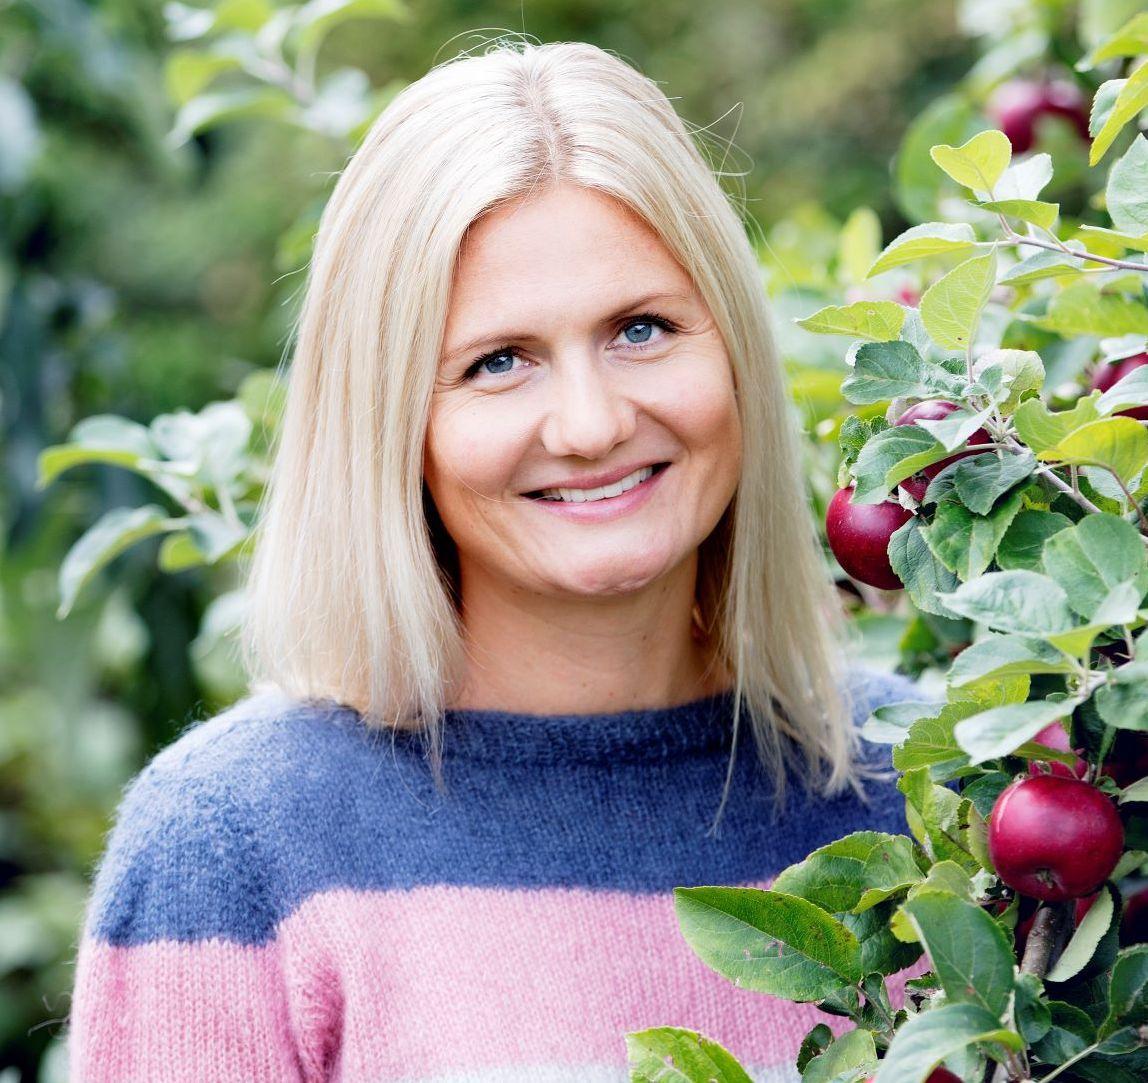 Profilbilde Lise.jpg